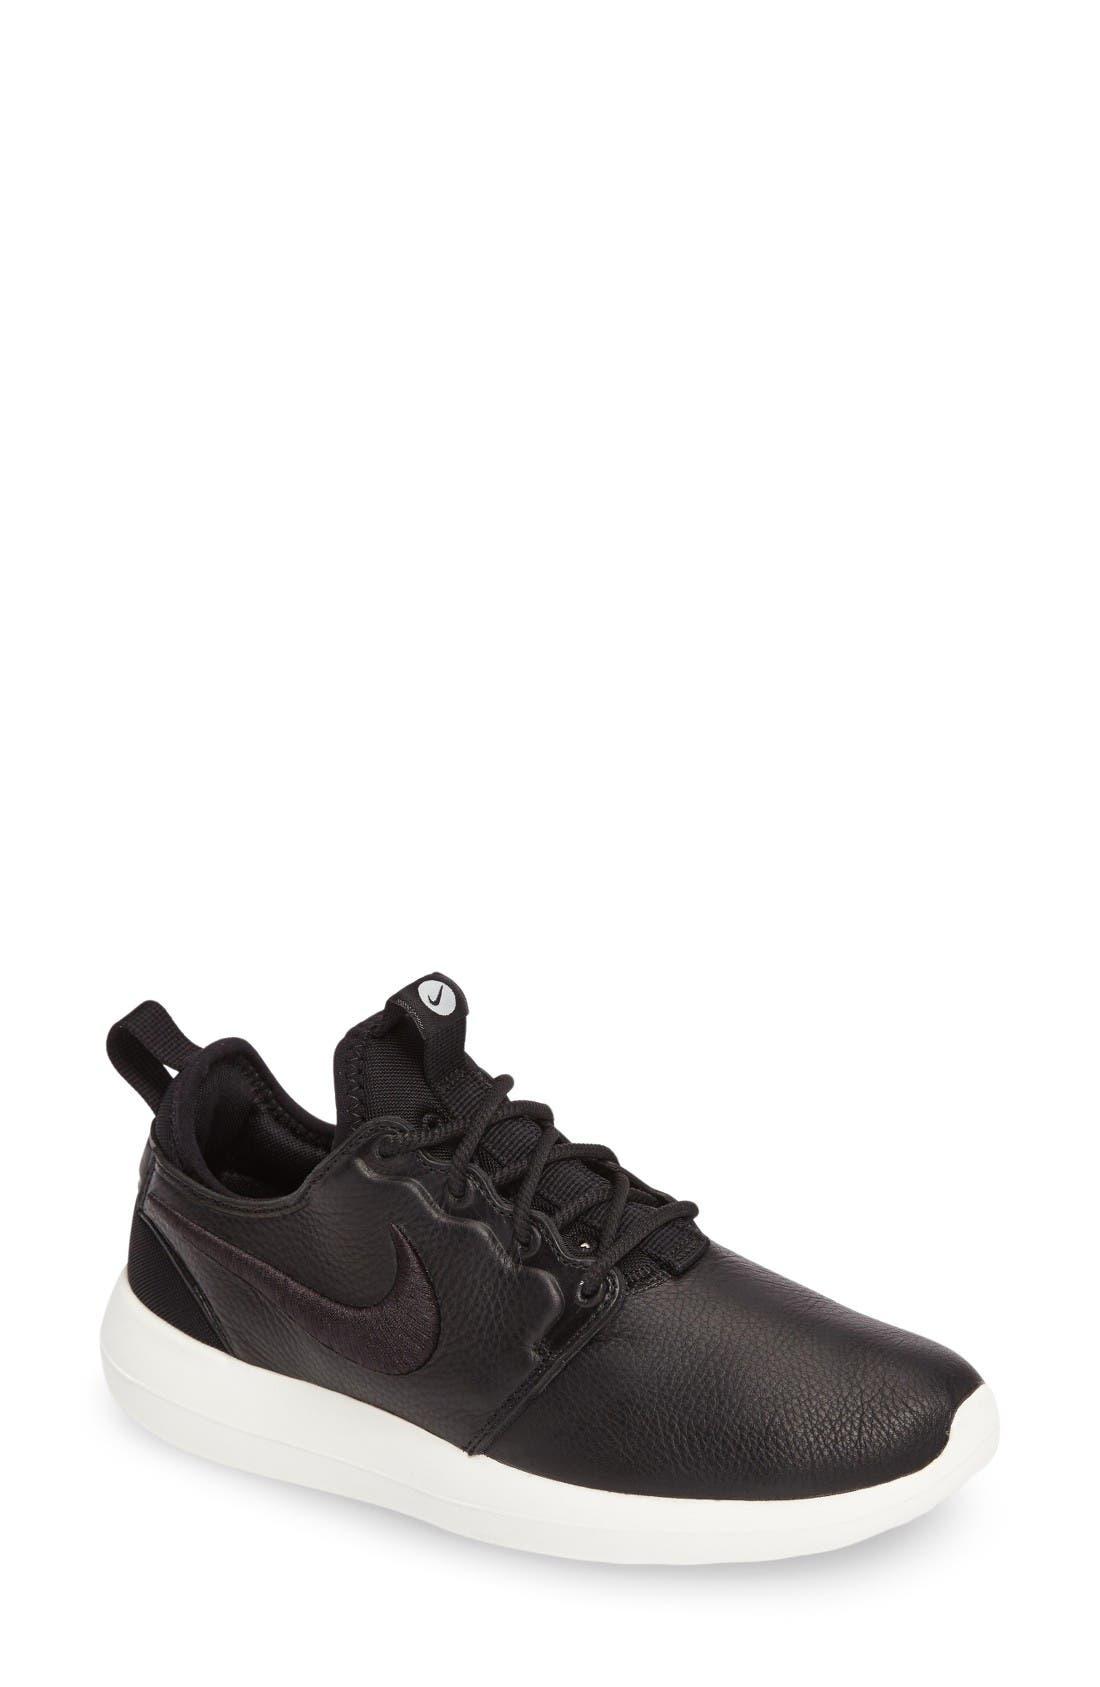 Alternate Image 1 Selected - Nike Roshe Two Si Sneaker (Women)